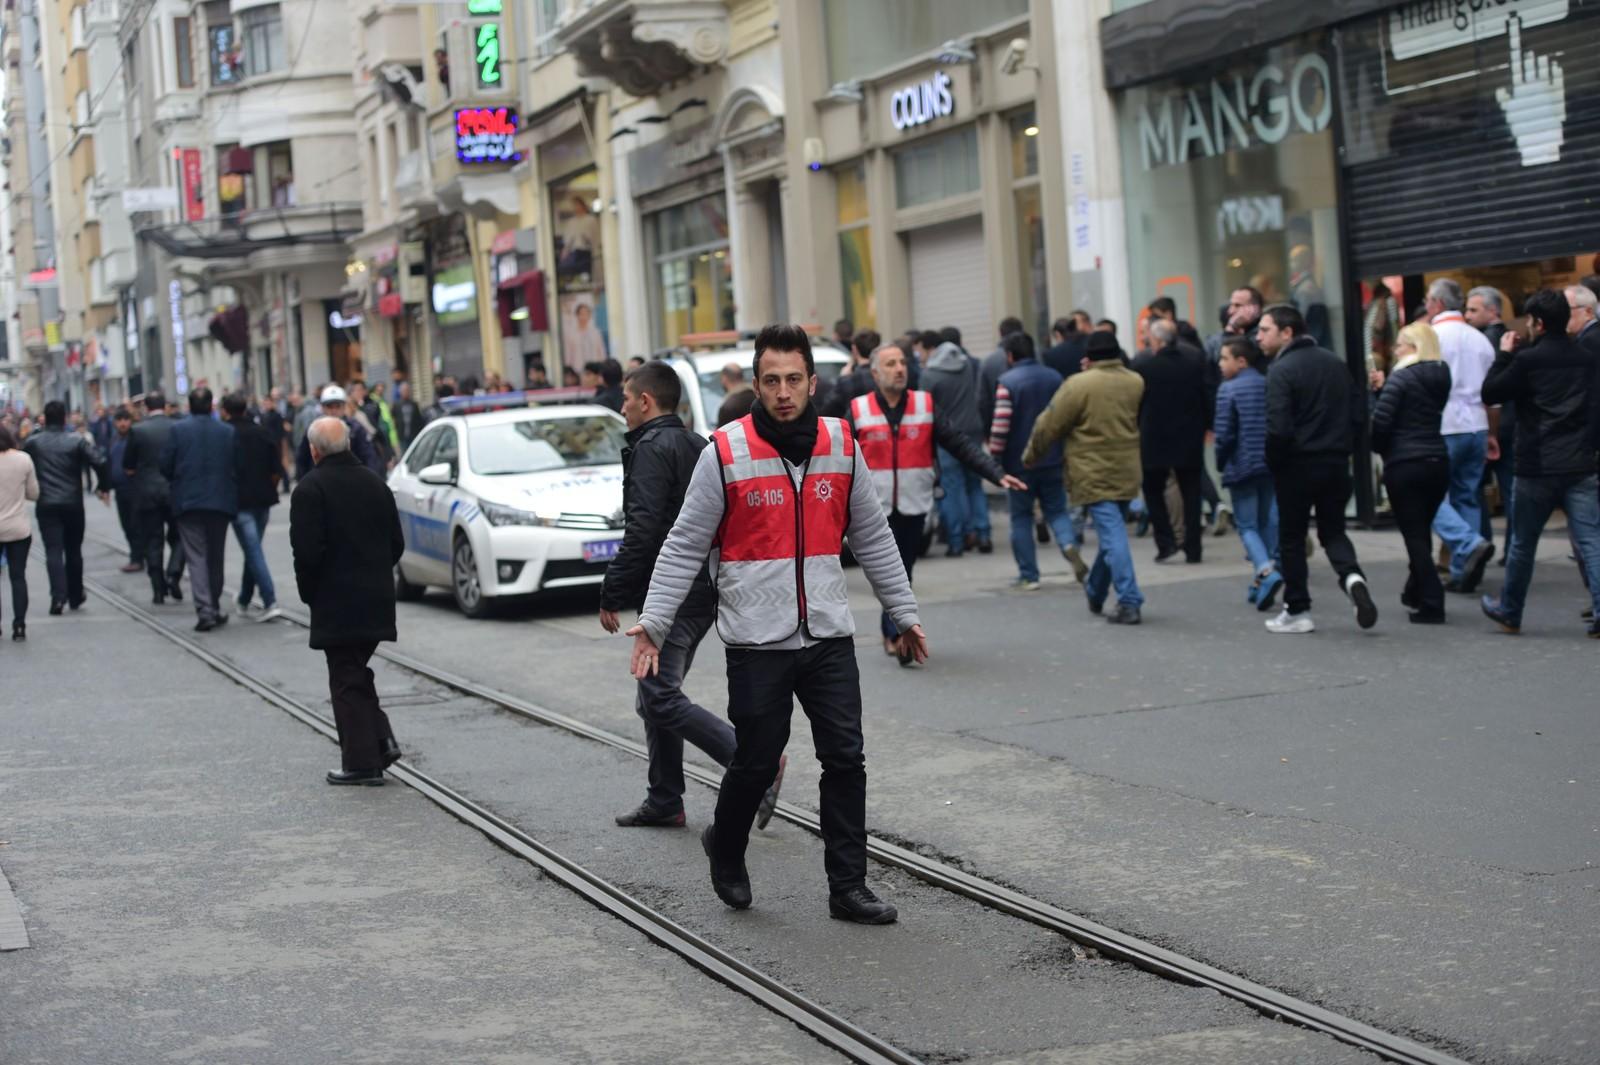 Guvernør Vasip Sahin i Istanbul sier at bombeteknikere undersøker stedet der selvmordsangrepet skjedde i Istiklal-gaten i Istanbul. Han sier at det foreløpig er tidlig å si noe om hvem som står bak angrepet, men at undersøkelsene vil gi flere svar.